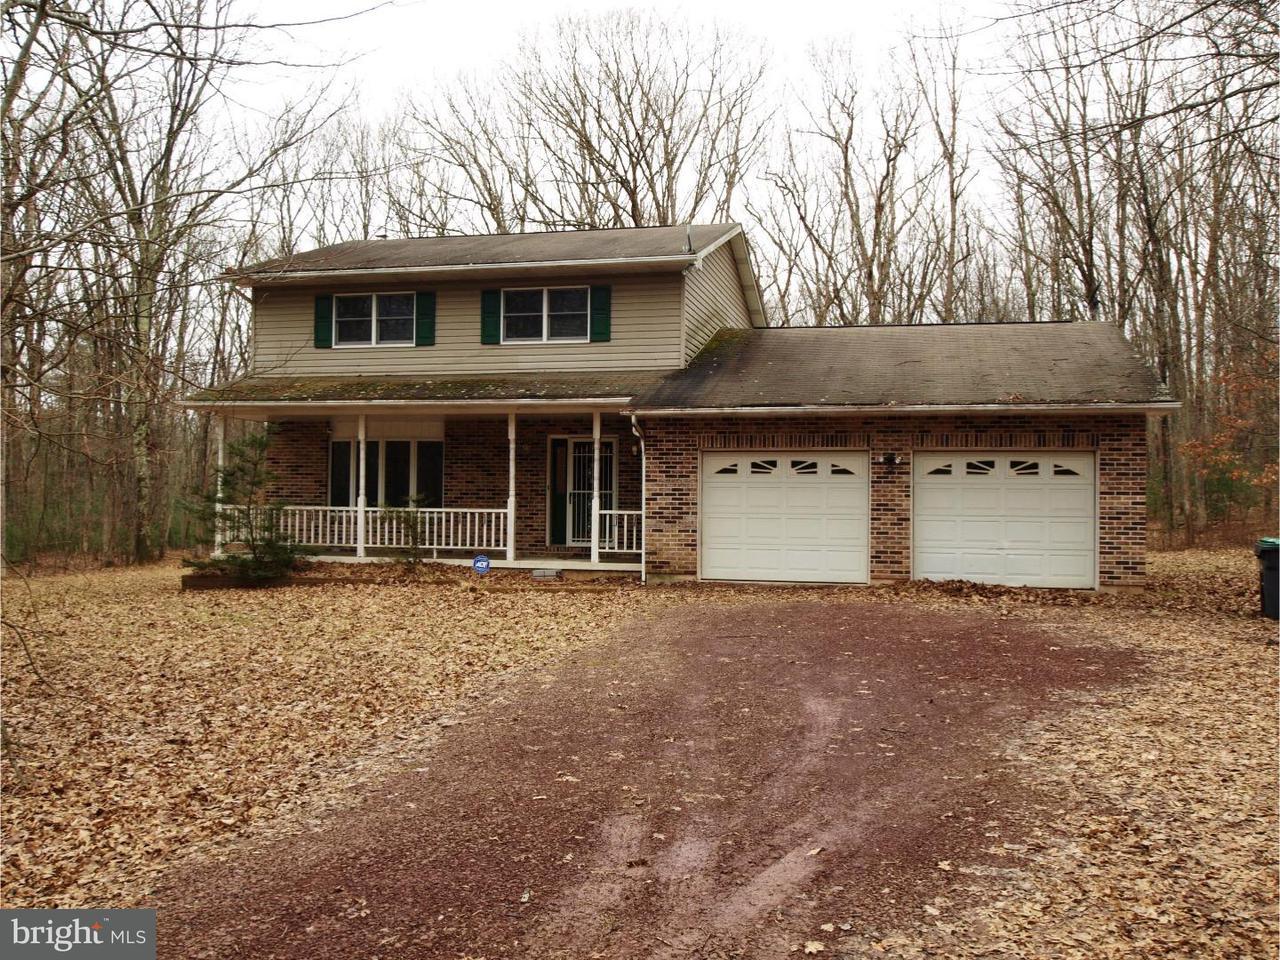 Частный односемейный дом для того Продажа на 121 BLUE MOUNTAIN Court Palmerton, Пенсильвания 18058 Соединенные Штаты